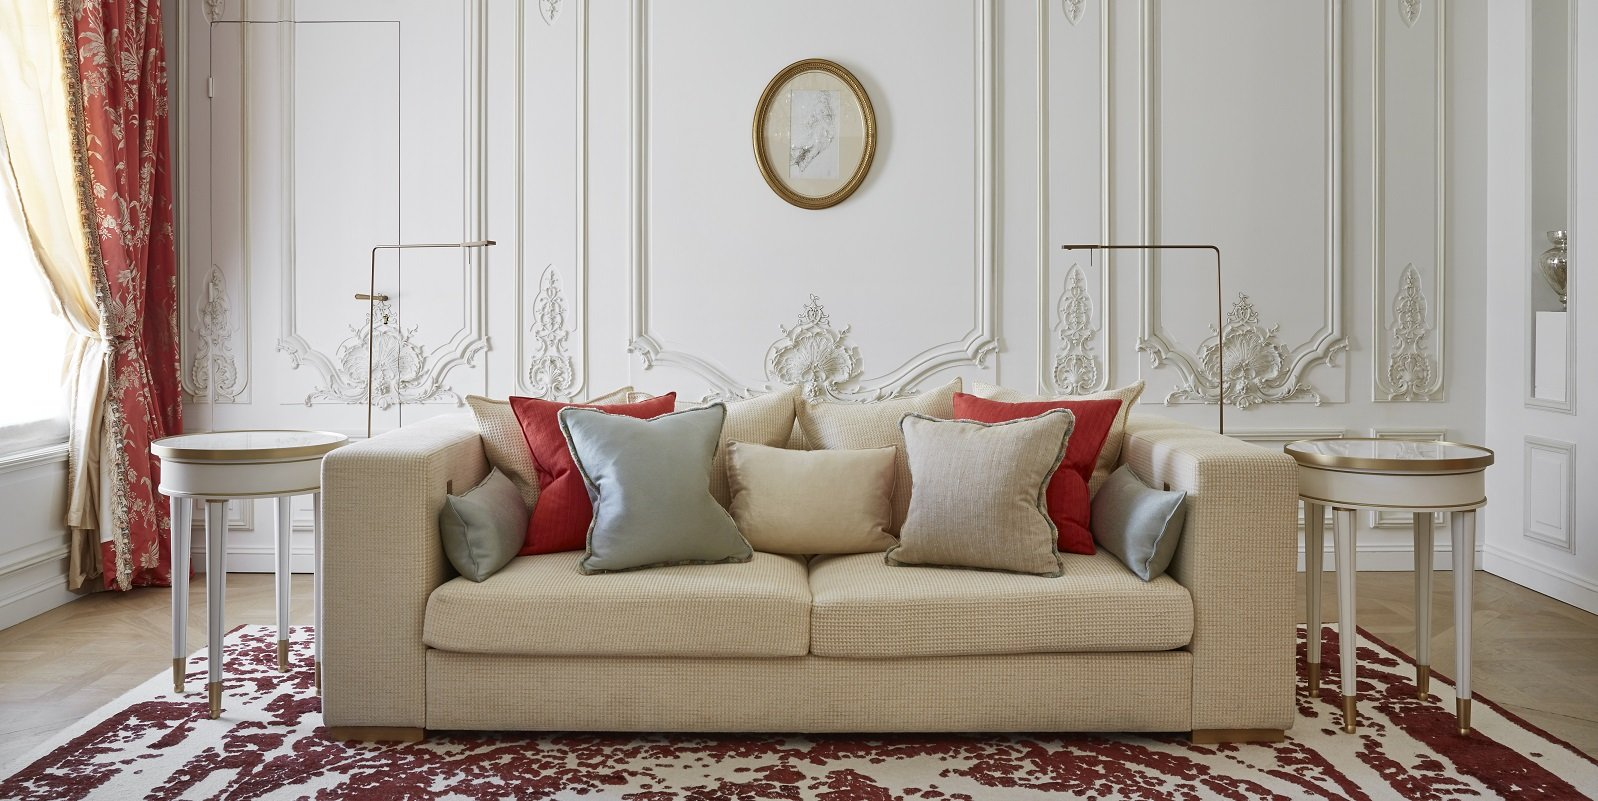 Le Meurice pompadour suite sofa